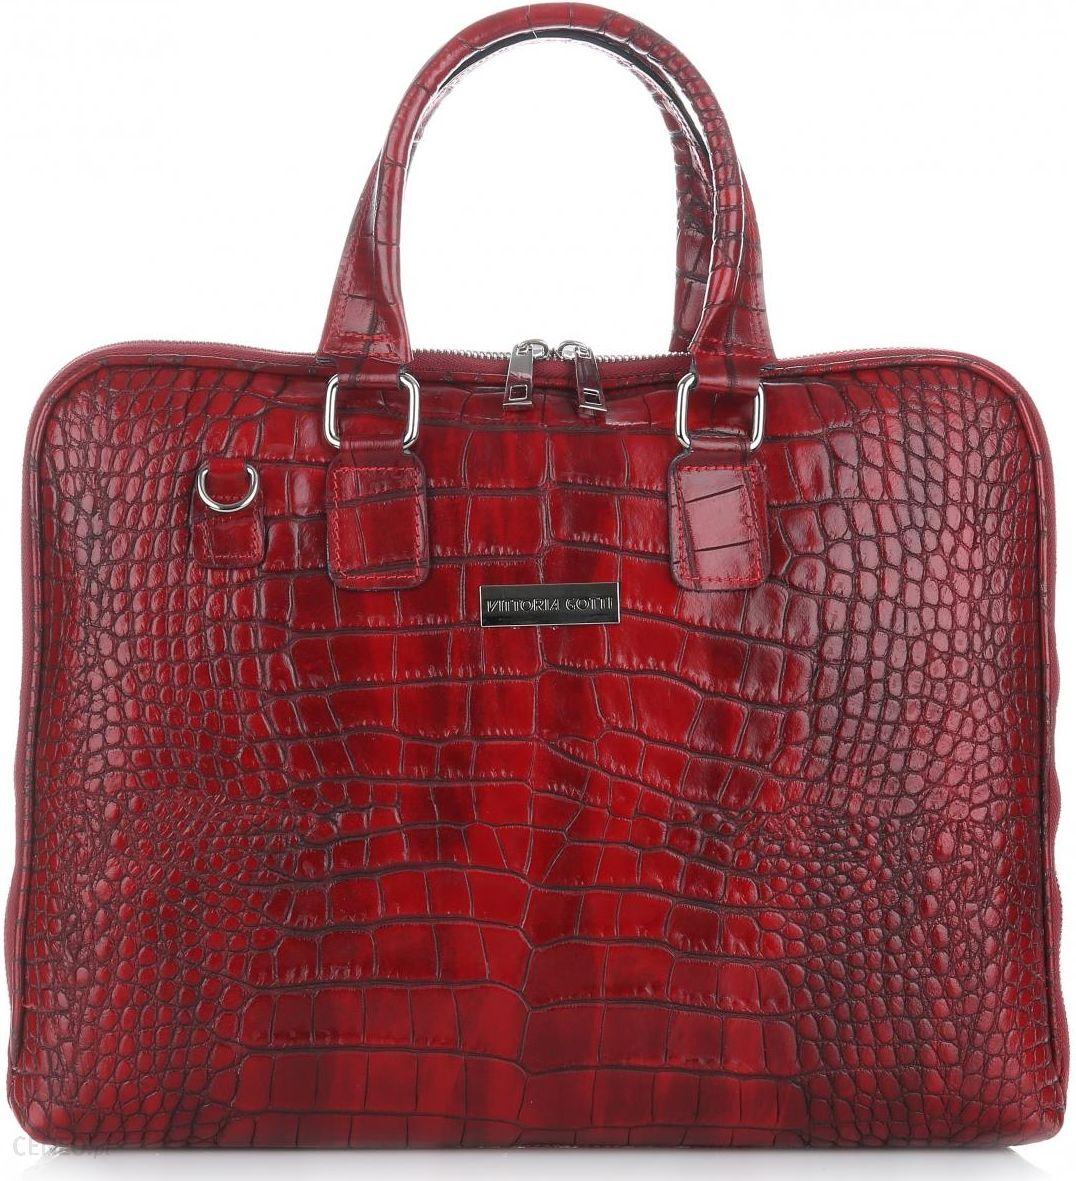 f7a75fbdb547b Eleganckie Torebki Skórzane Aktówki Firmy Vittoria Gotti Czerwone (kolory)  - zdjęcie 1